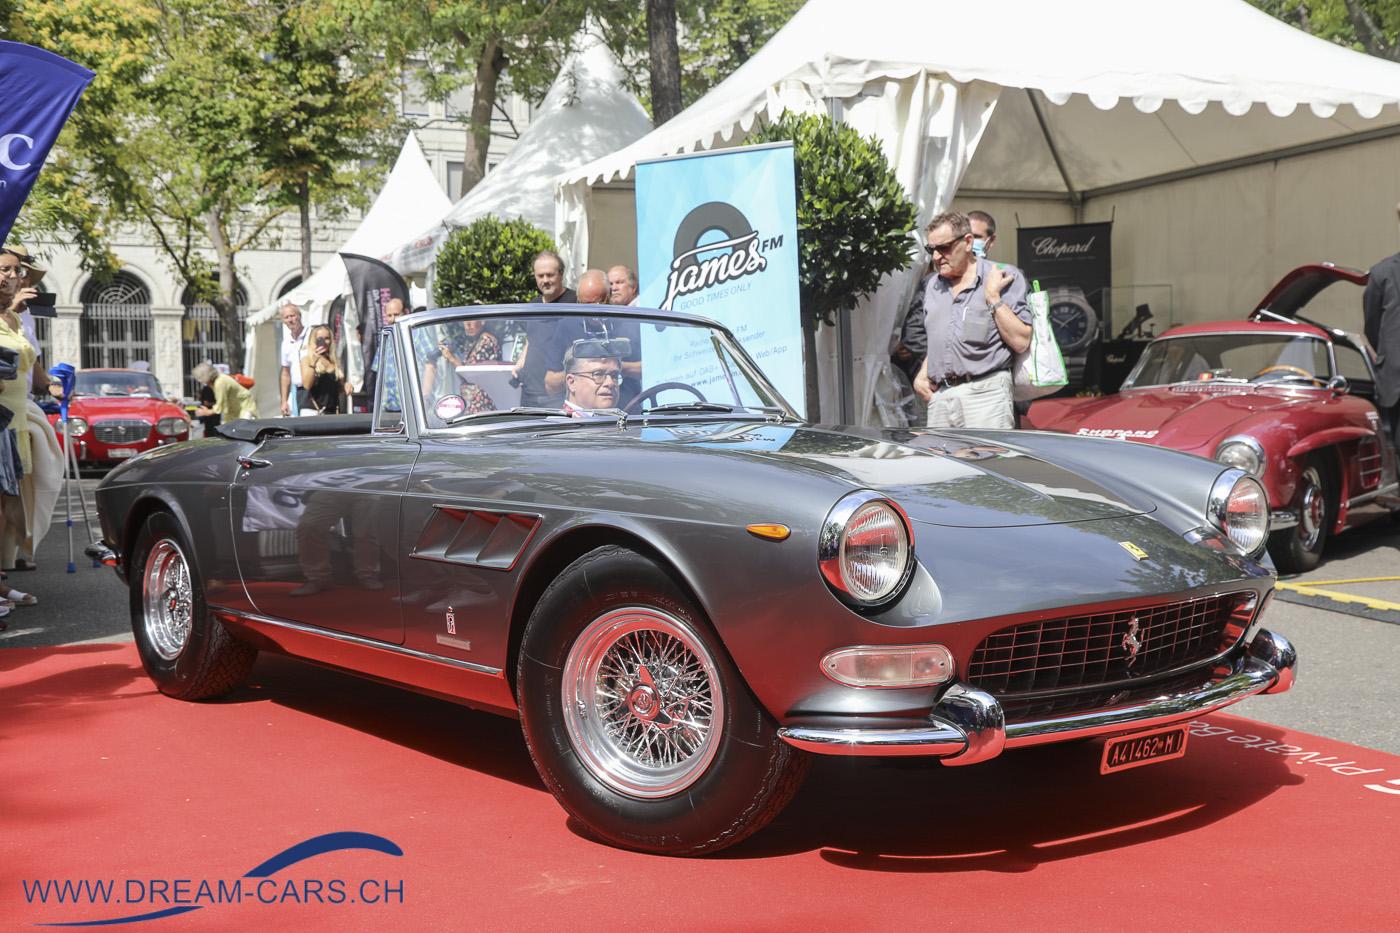 ZCCA - Zurich Classic Car Award, Bürkliplatz Zürich, 19. August 2020. Der Ferrari 275 GTS von Martin Kottmann, 1. Platz in der Kategorie 90 Jahre Pininfarina und Gewinner des Pokals 'Best of Show'